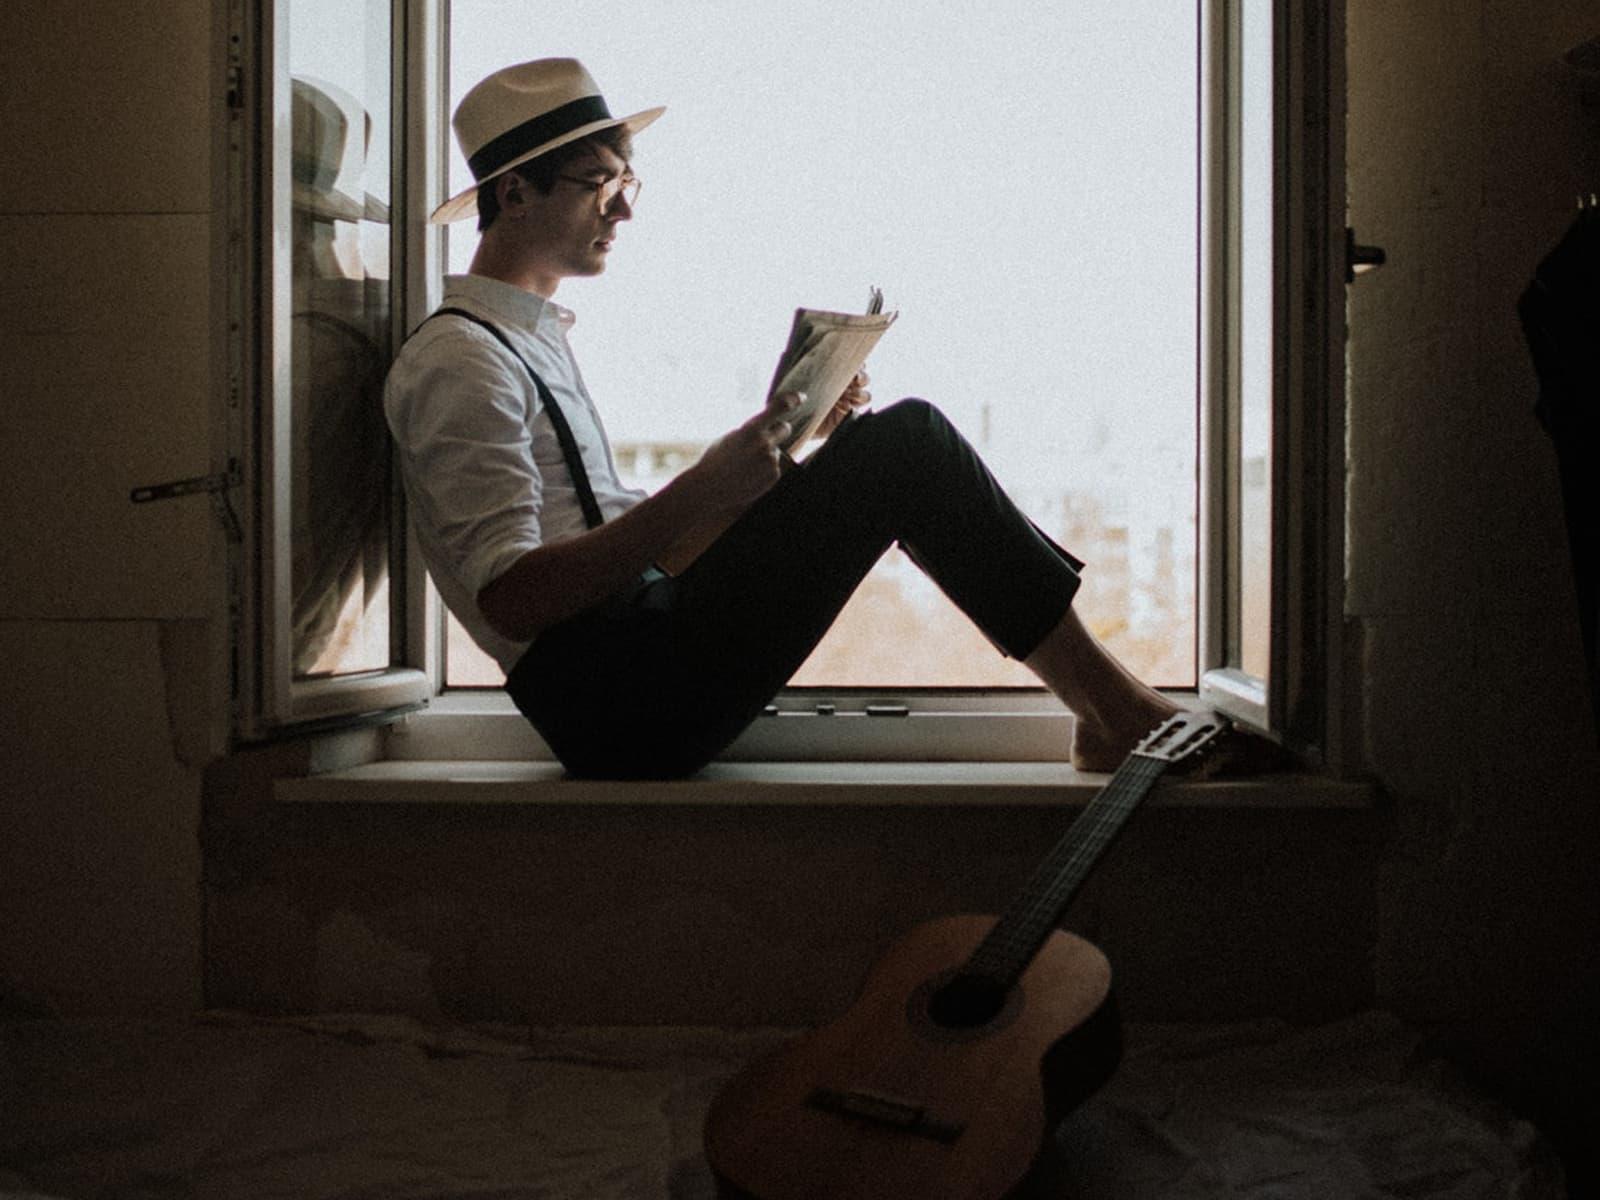 معضلة القراءة الإلكترونية